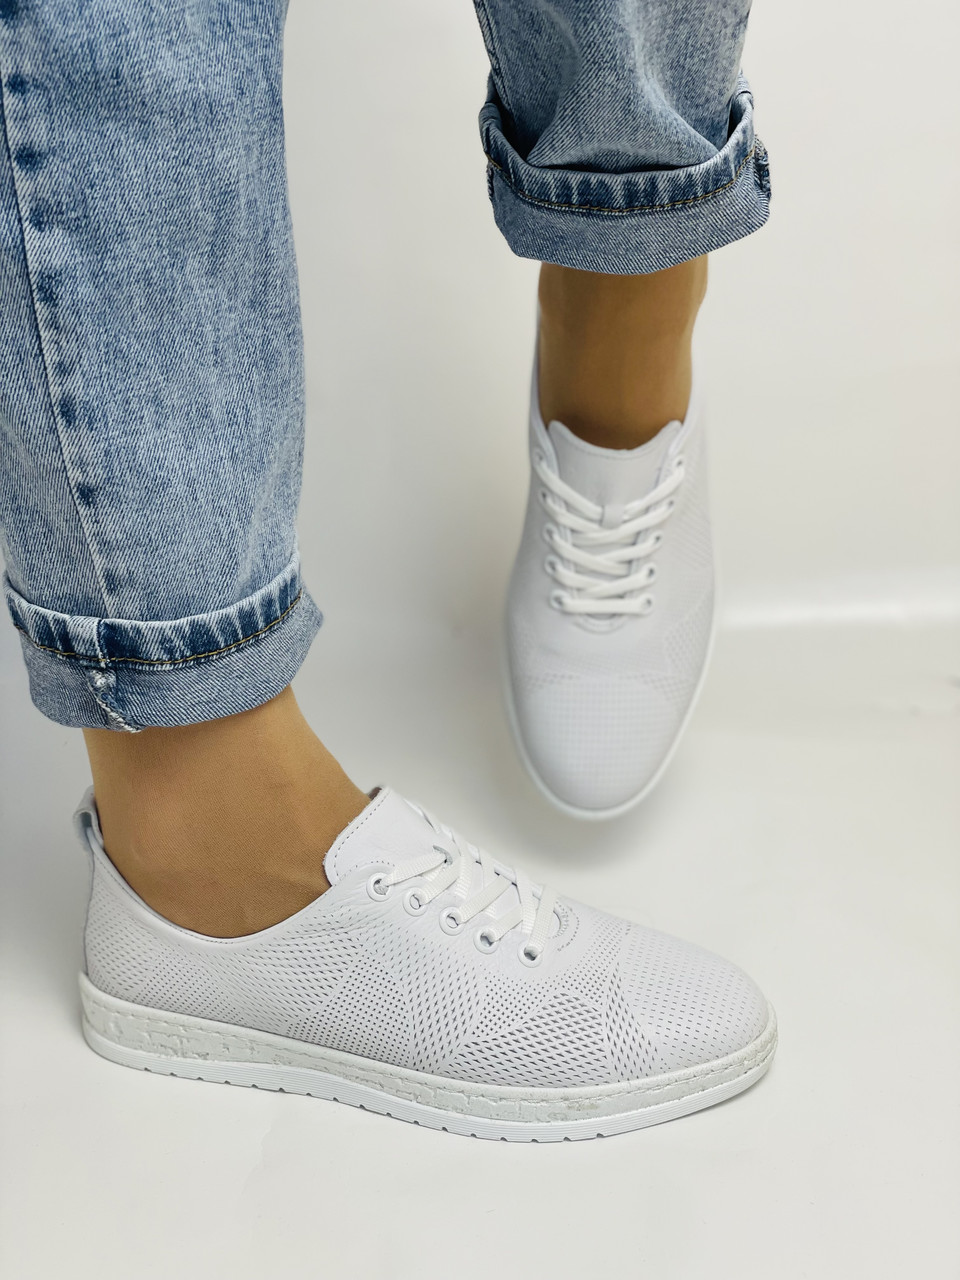 Trio Trend. Турецька взуття. Жіночі білі кеди-взуття з натуральної шкіри. Розмір 36 37 38 39 40